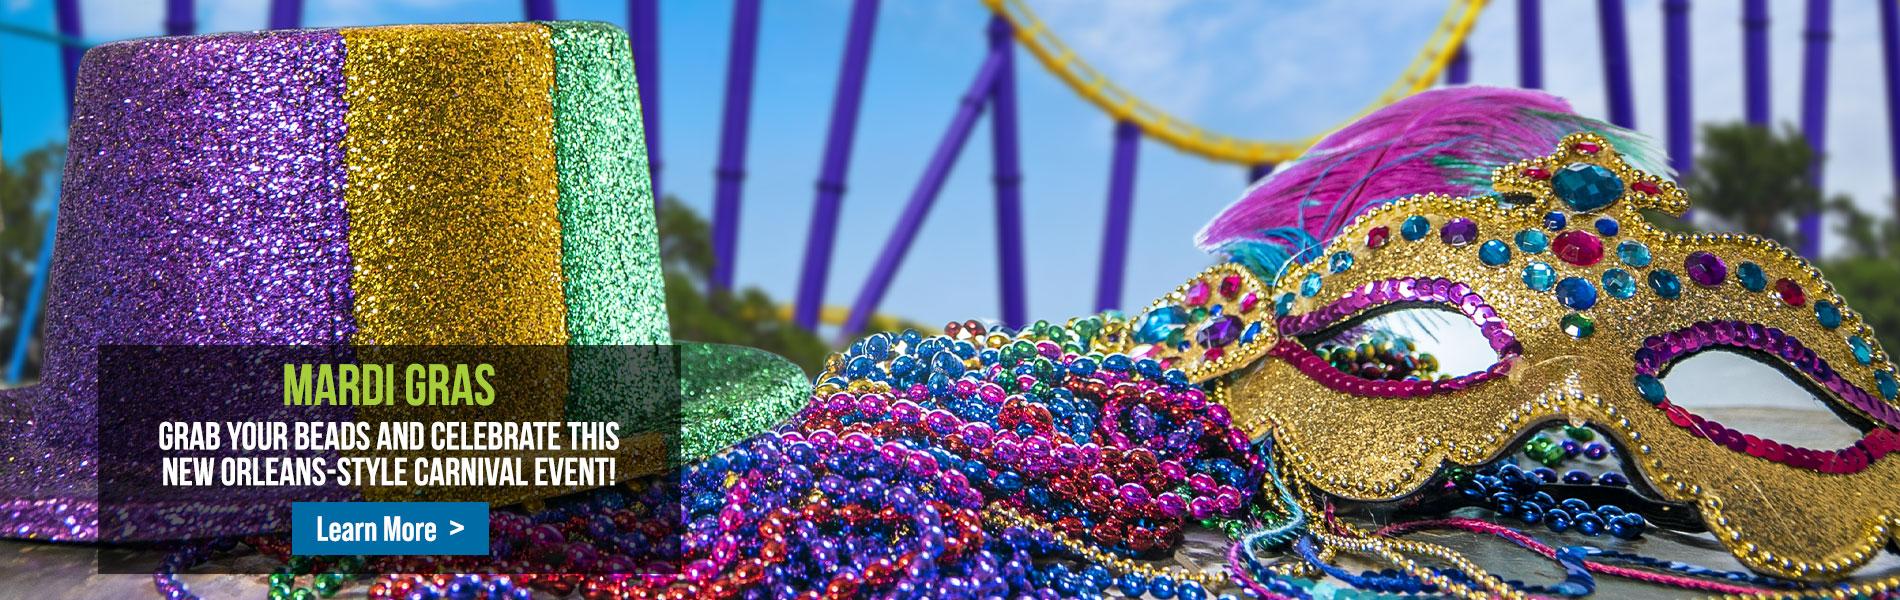 Mardi Gras at SeaWorld San Antonio